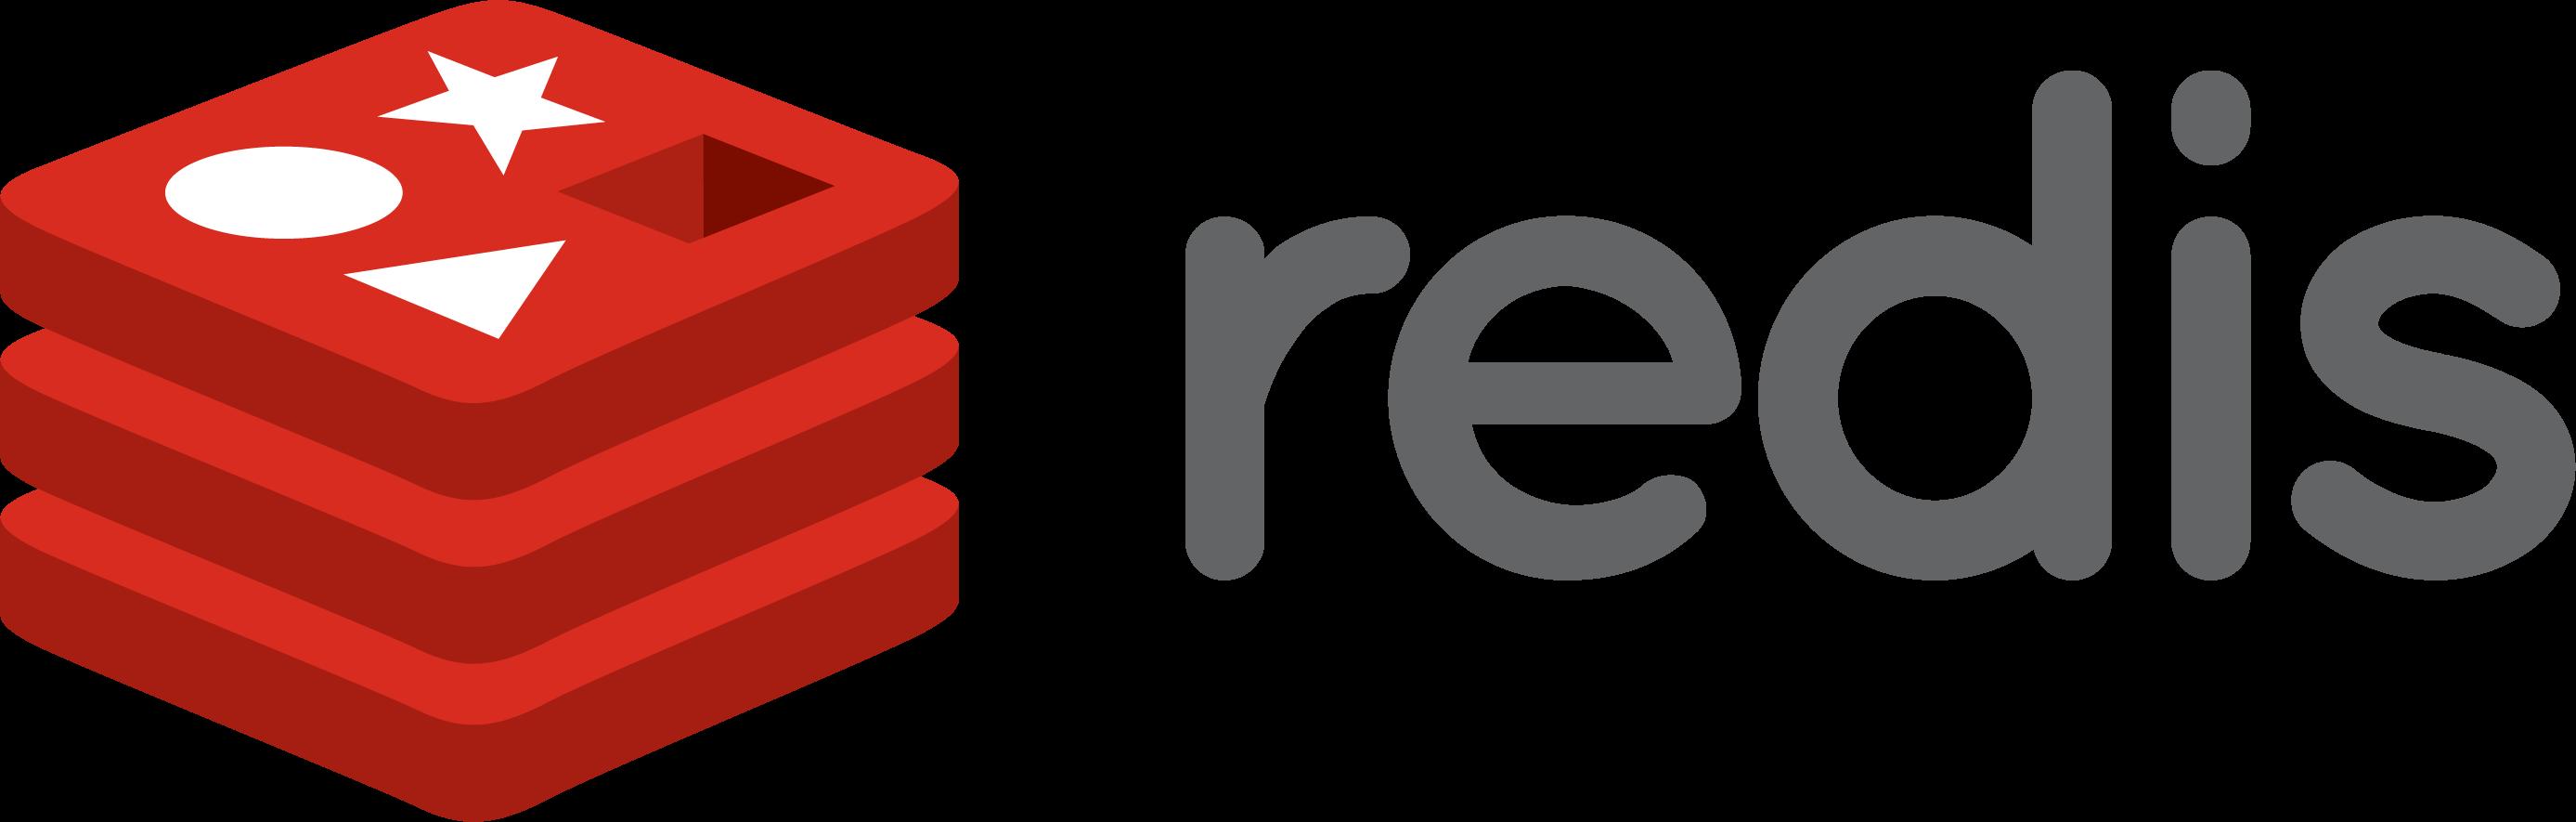 Redis Logo png